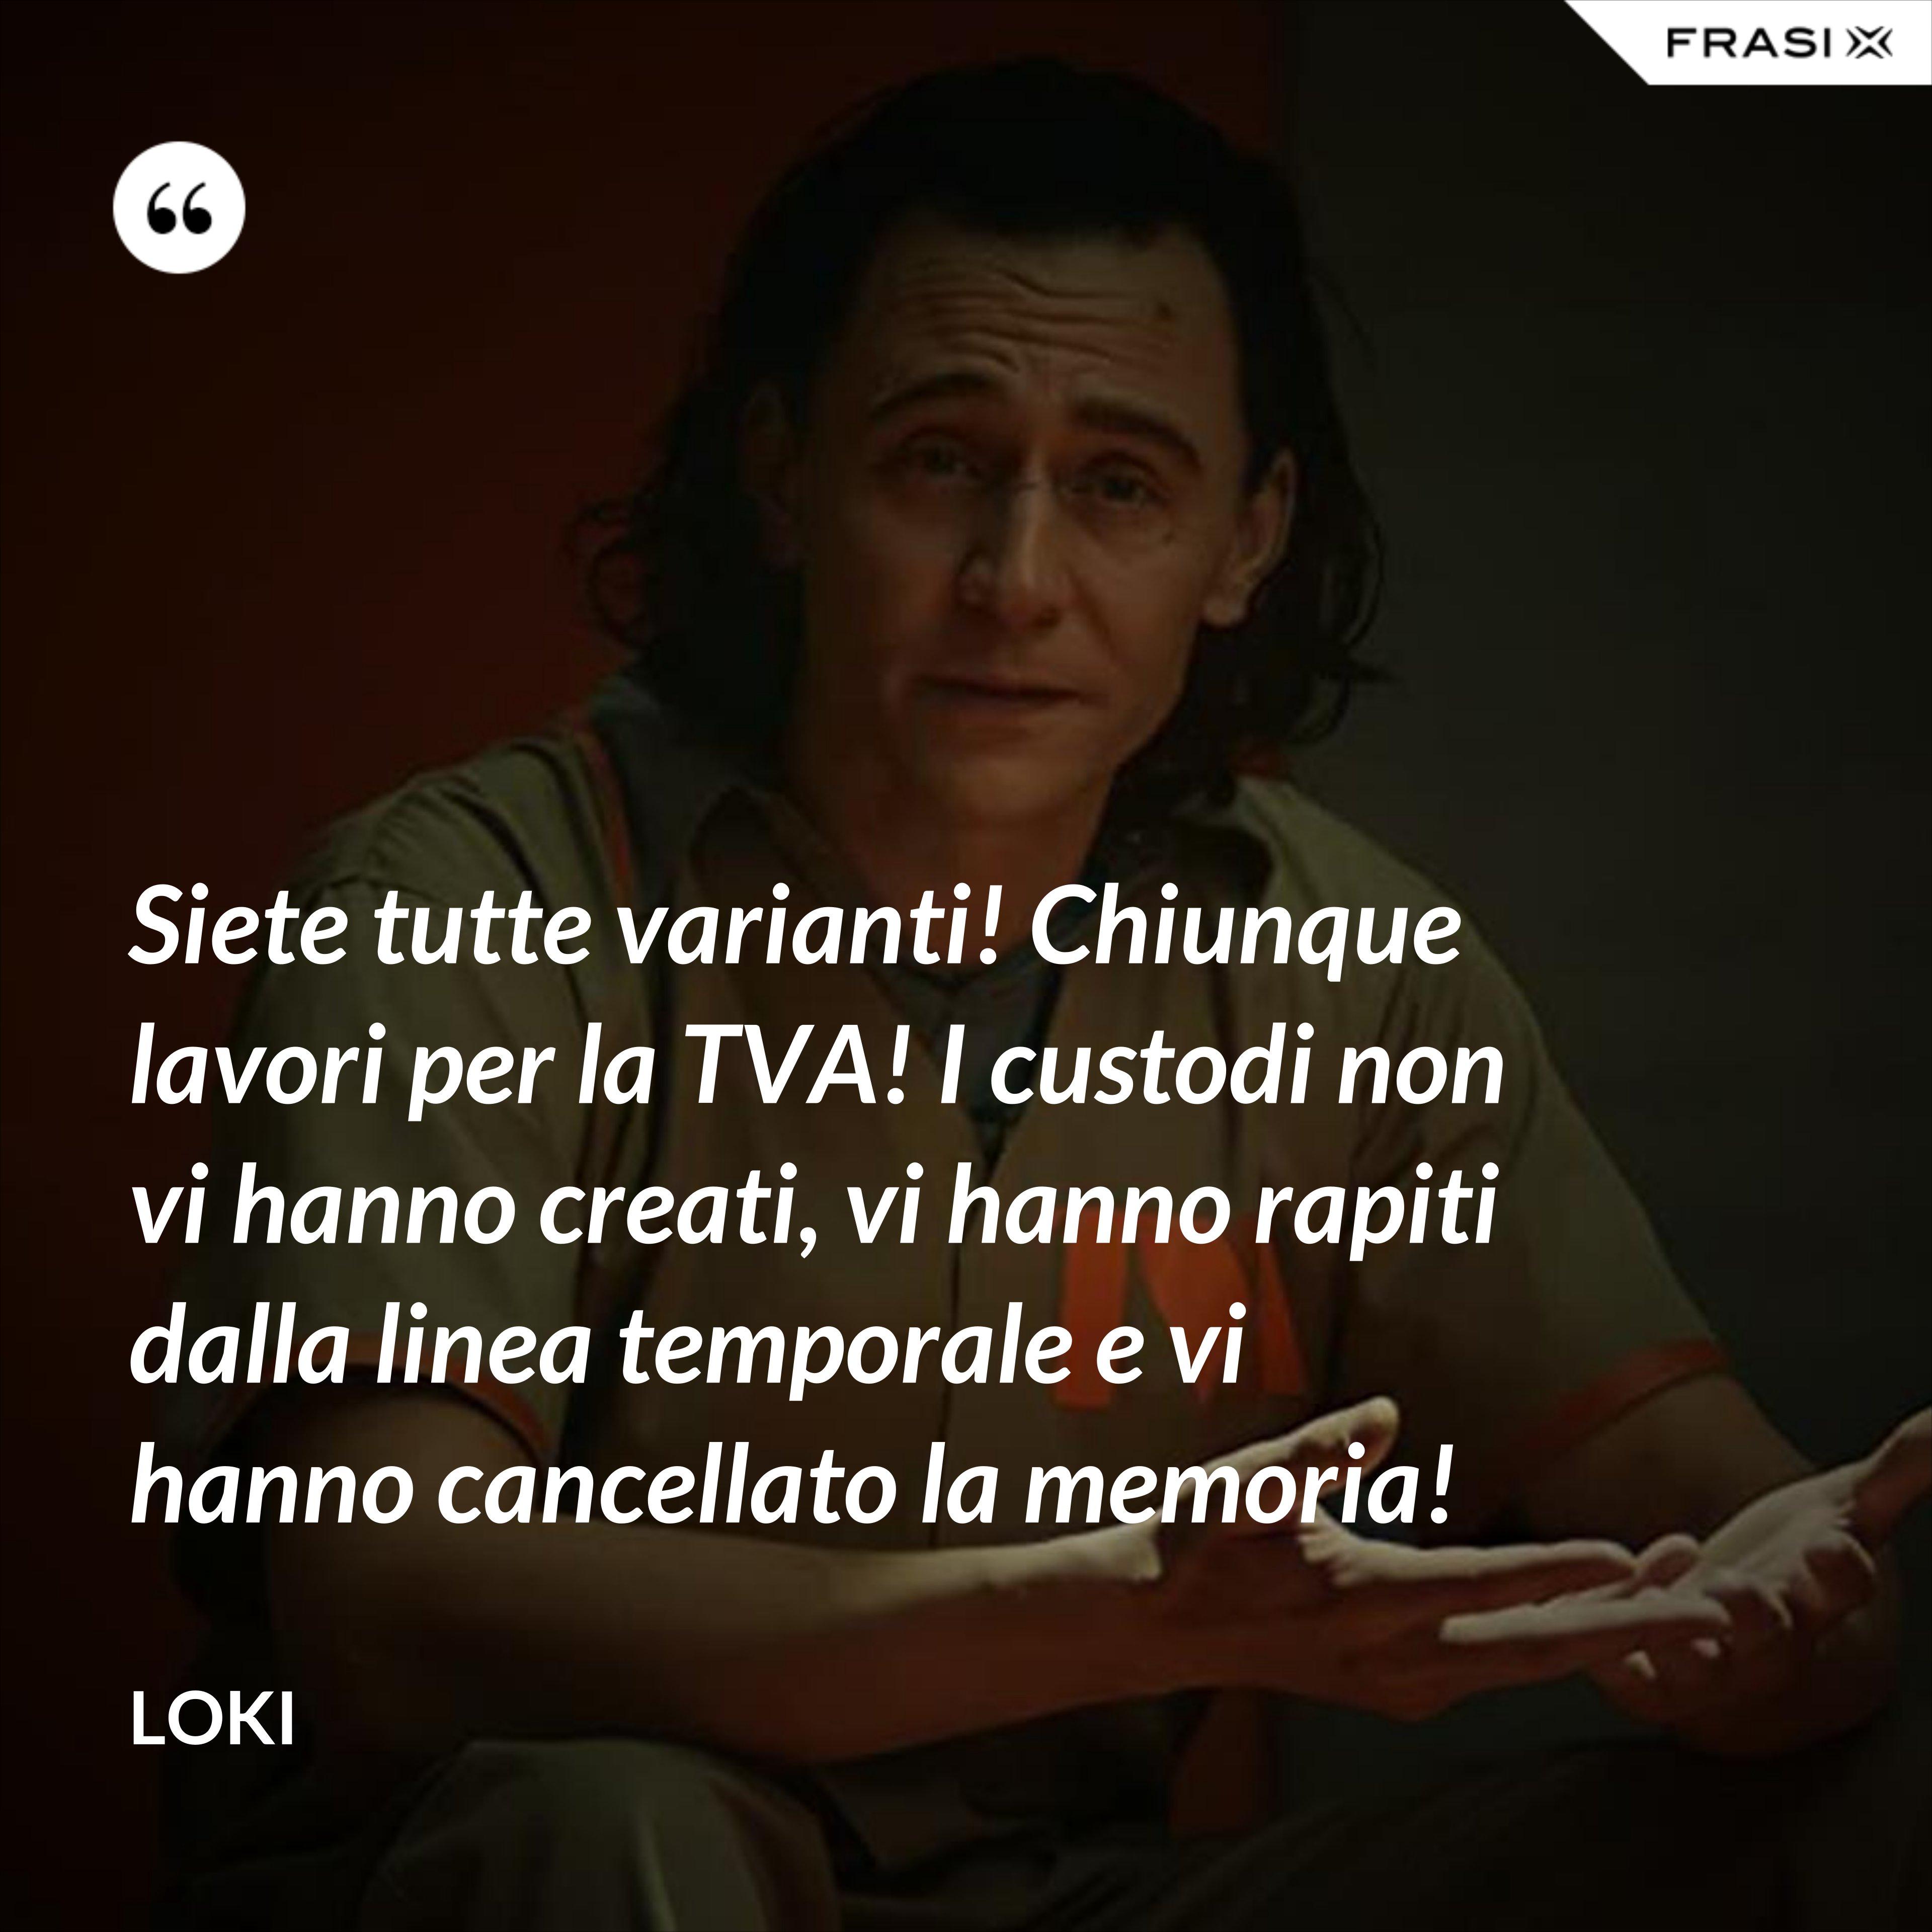 Siete tutte varianti! Chiunque lavori per la TVA! I custodi non vi hanno creati, vi hanno rapiti dalla linea temporale e vi hanno cancellato la memoria! - Loki